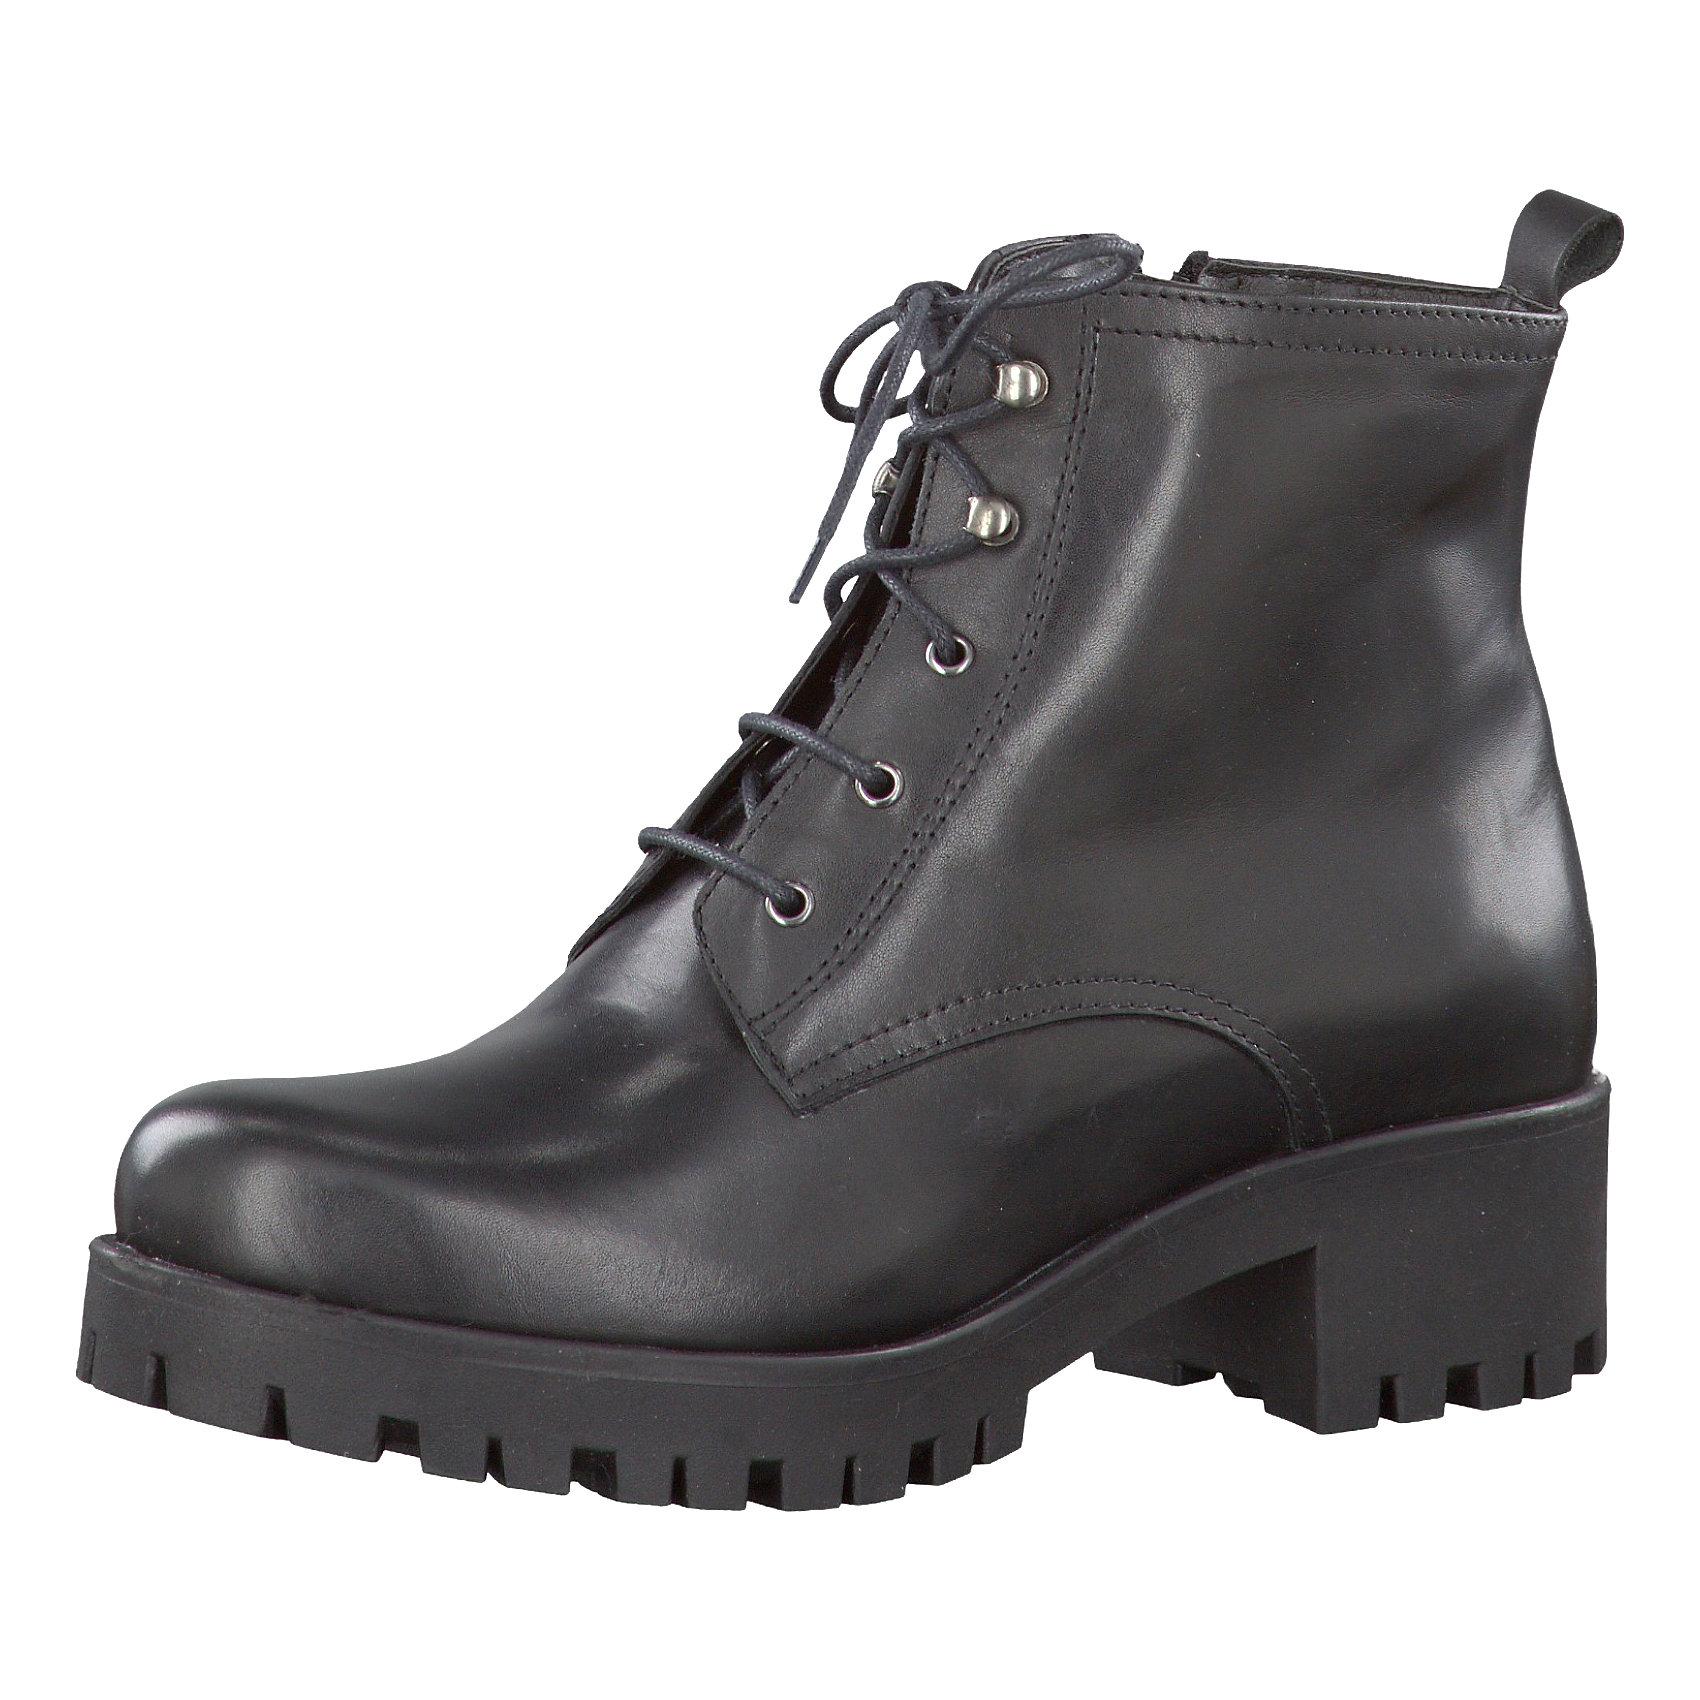 Neu Tamaris Cocco Stiefeletten schwarz 5761775